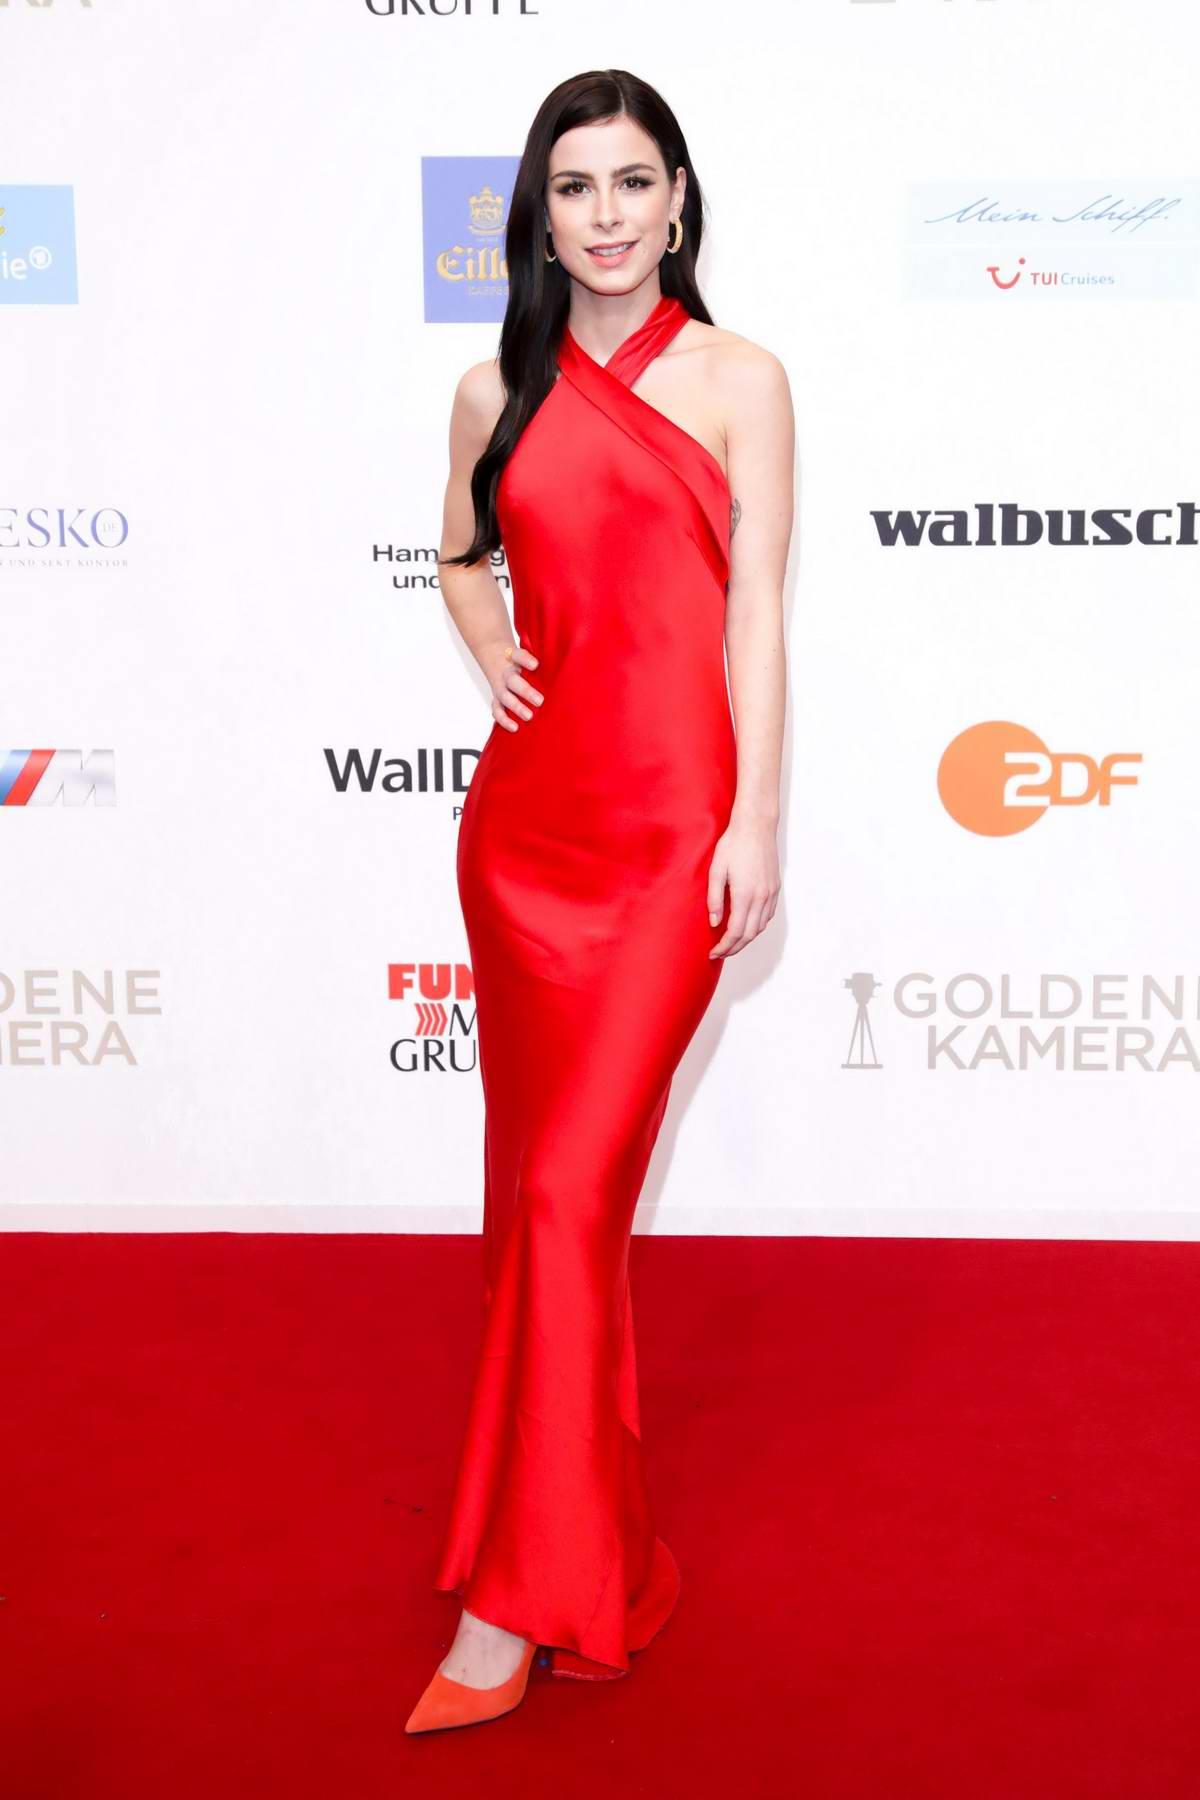 Lena Meyer-Landrut attends Goldene Kamera Awards in Hamburg, Germany